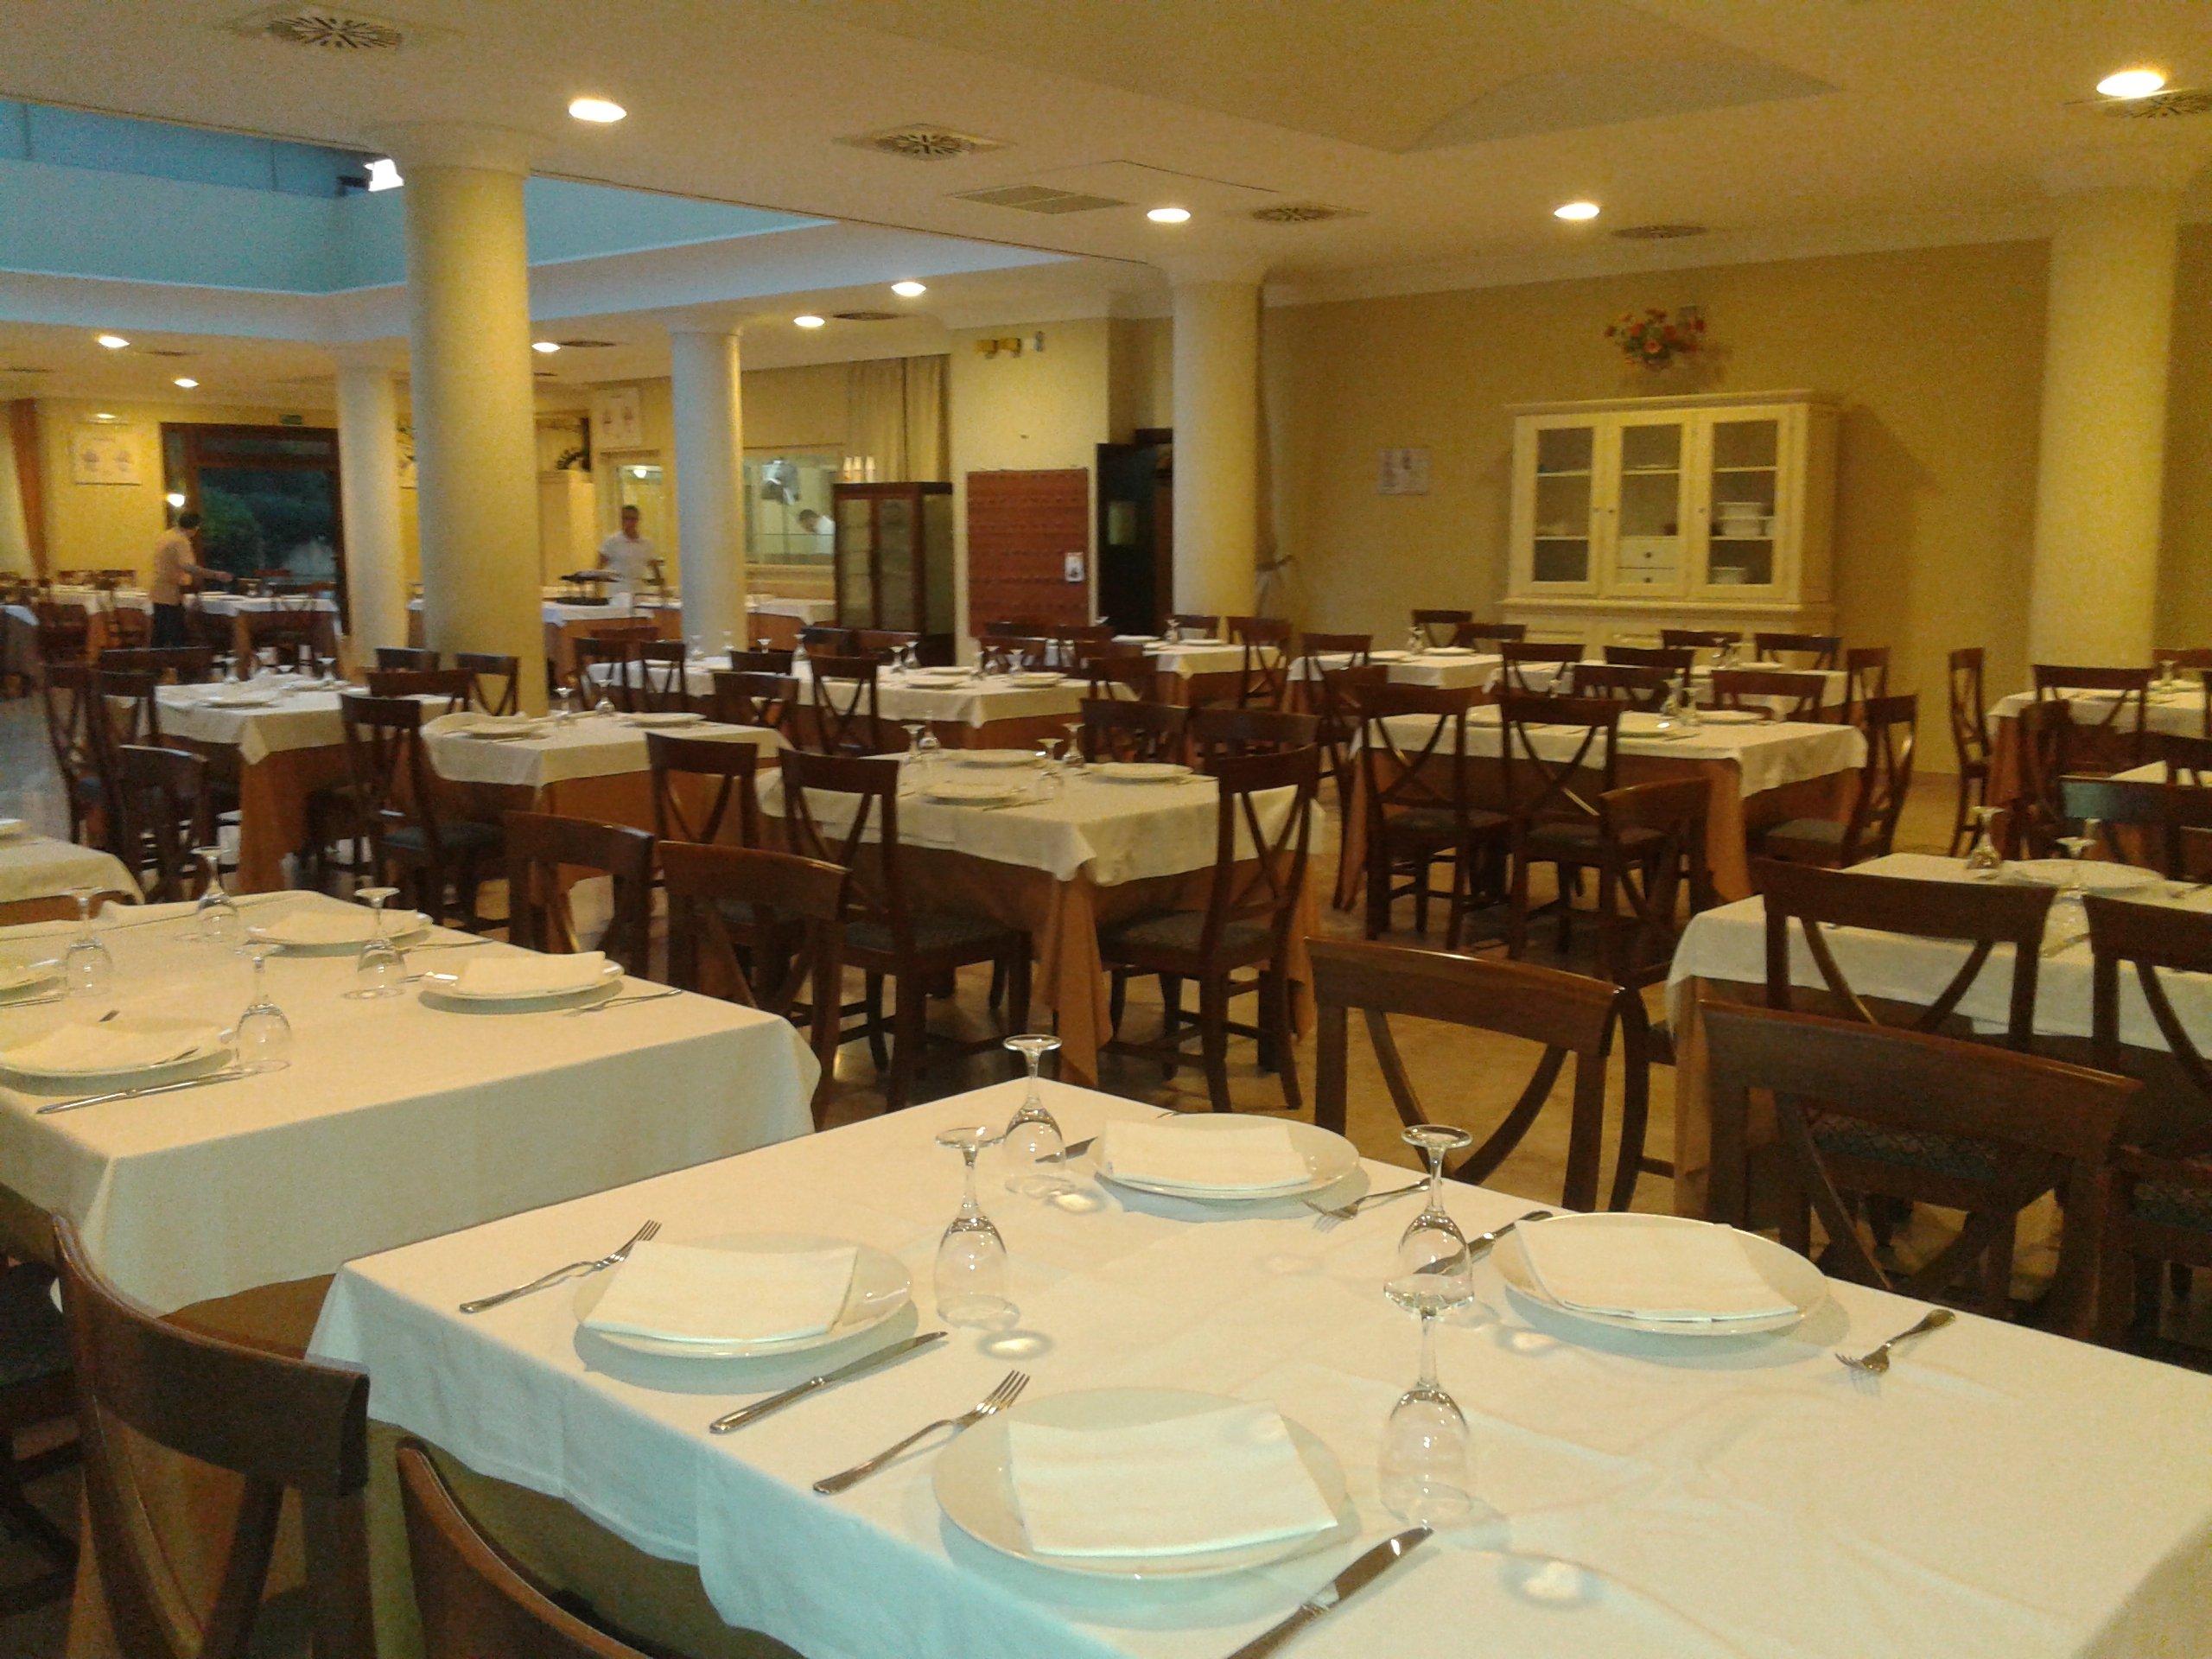 ristorante con tavoli apparecchiati